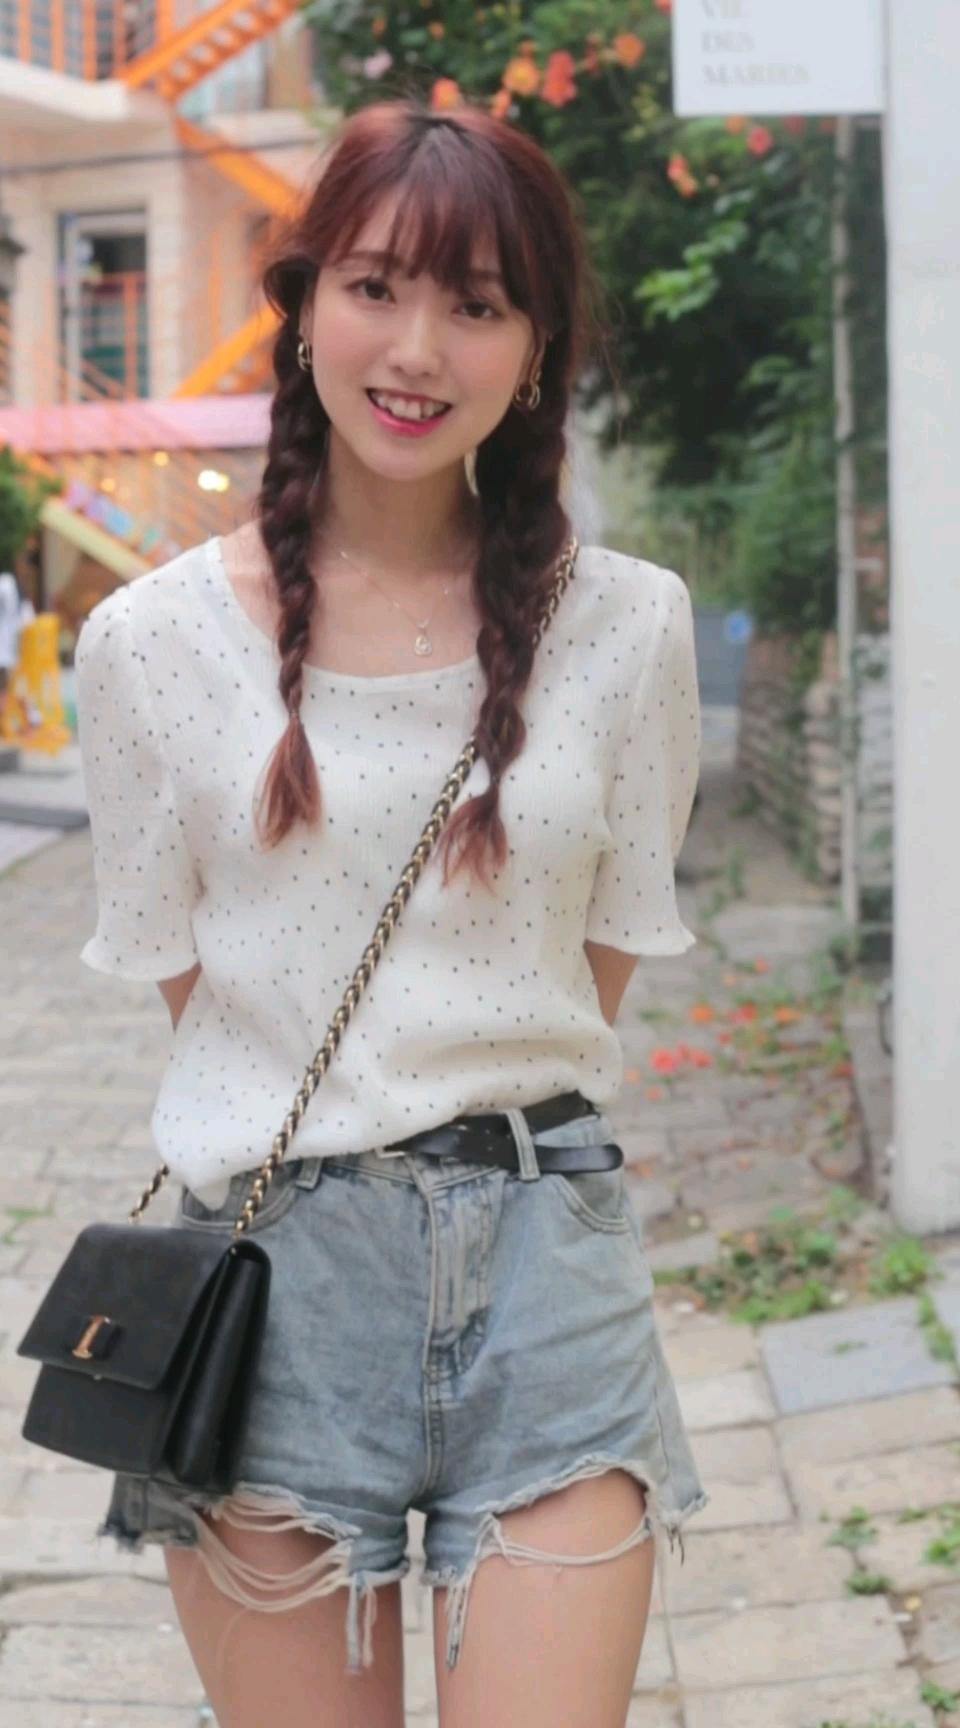 清纯甜美风的韩国麻花辫美眉,向可爱势力低头!##甜美温柔风裙装,粉色系、蝴蝶结、荷叶边#